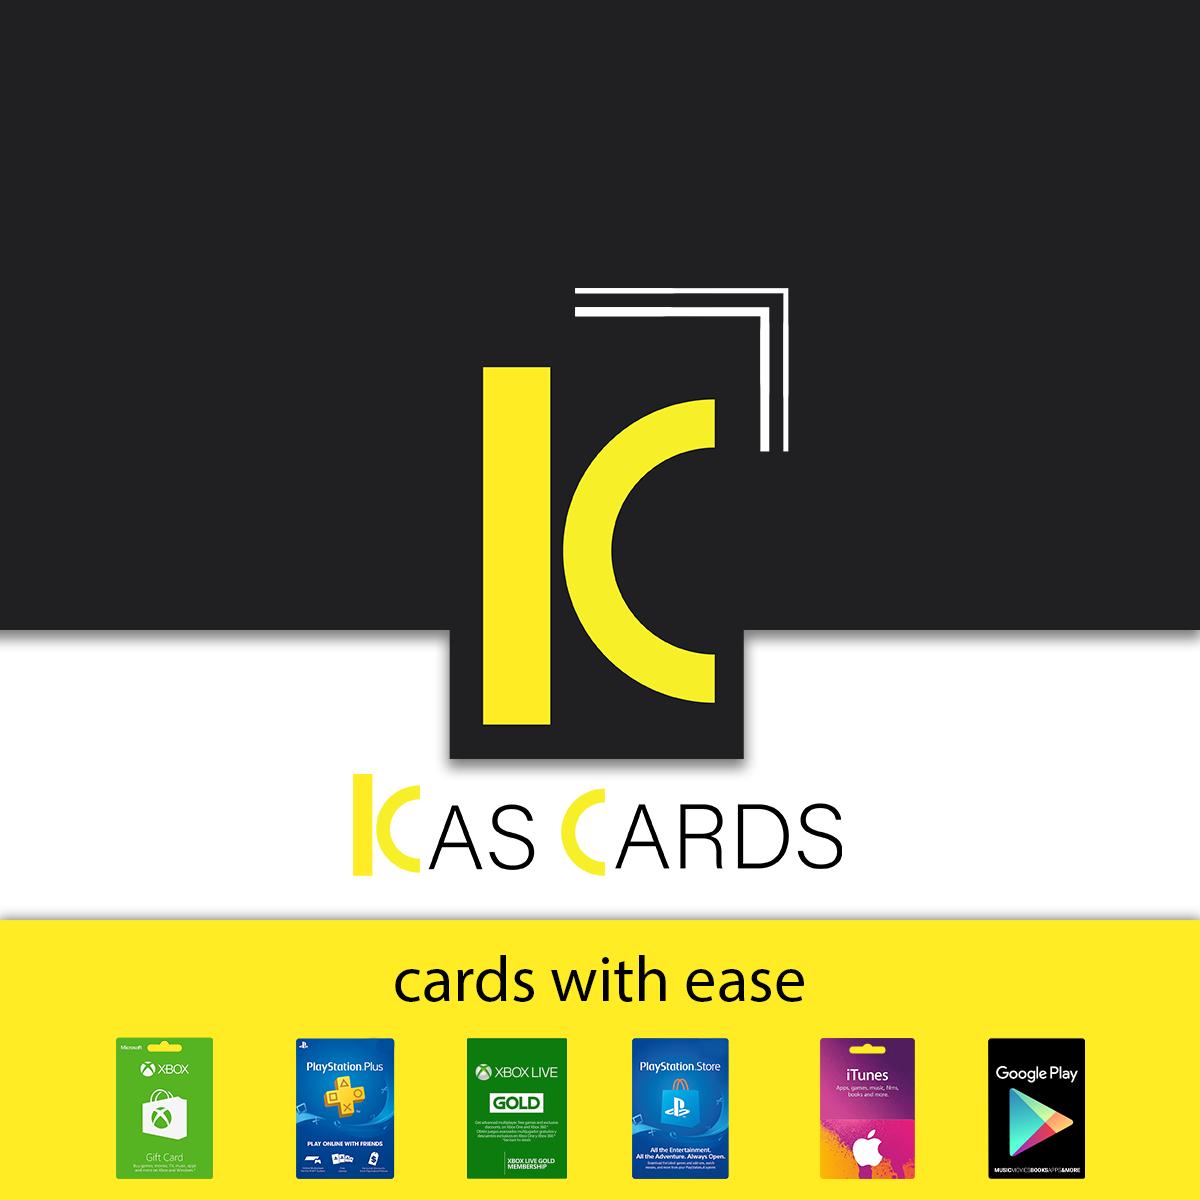 KasCards image